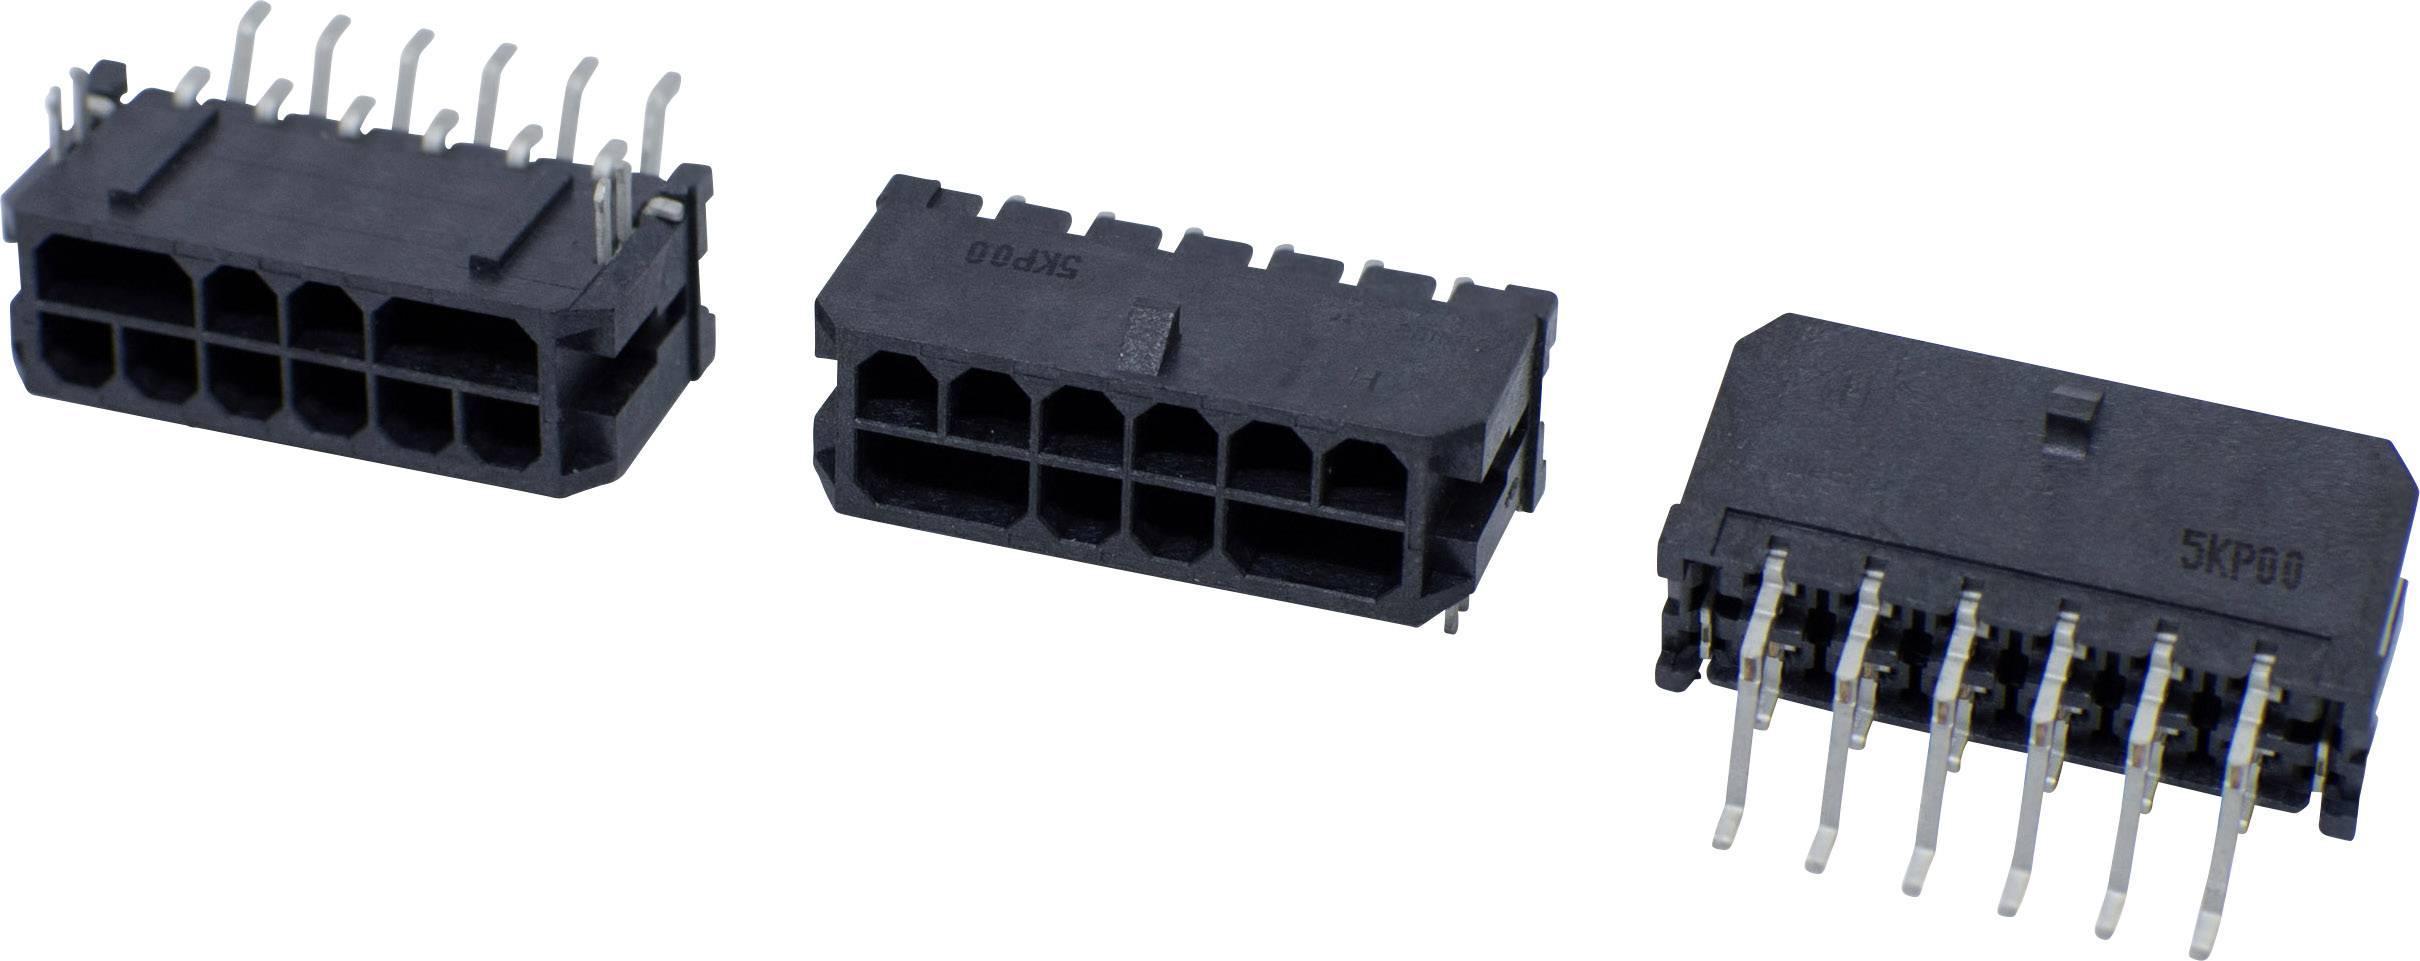 Pinová lišta (štandardná) BellWether 70096-1608, pólů 16, rozteč 3 mm, 1 ks